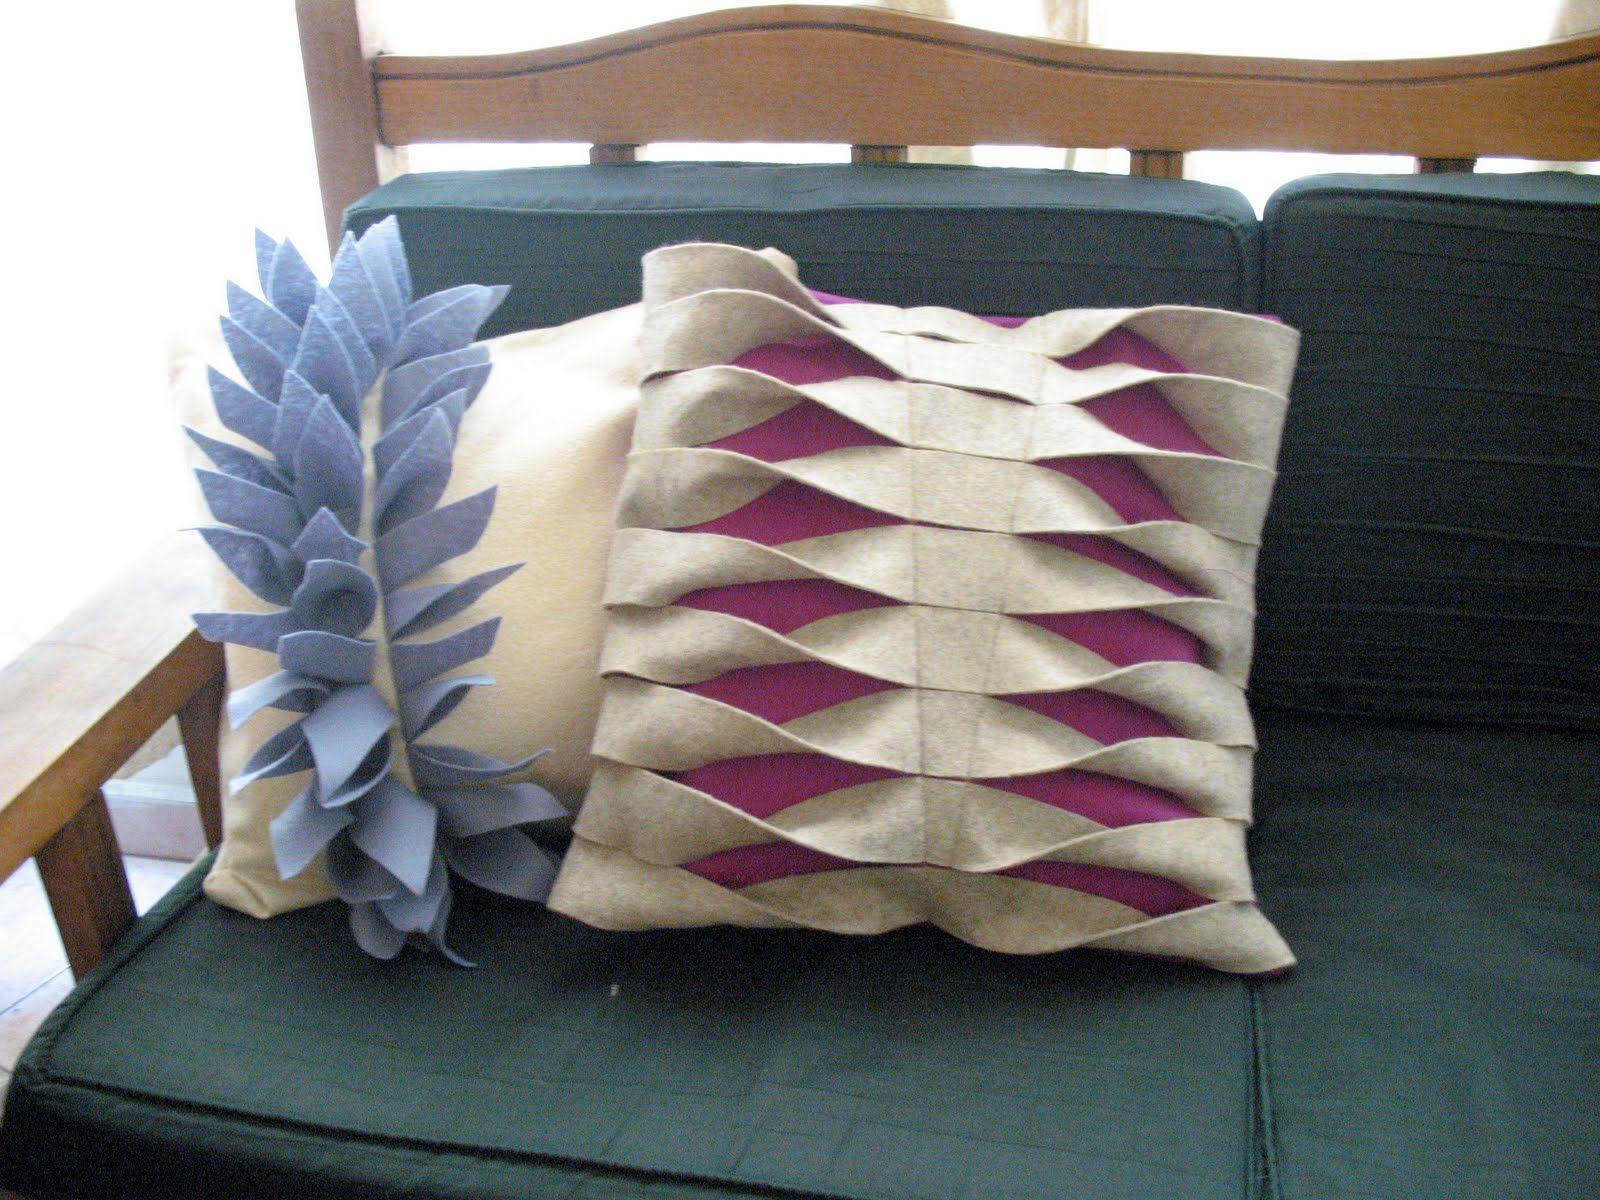 Hacer cojines decorativos cojines ricos y bellos - Cojines faciles de hacer ...